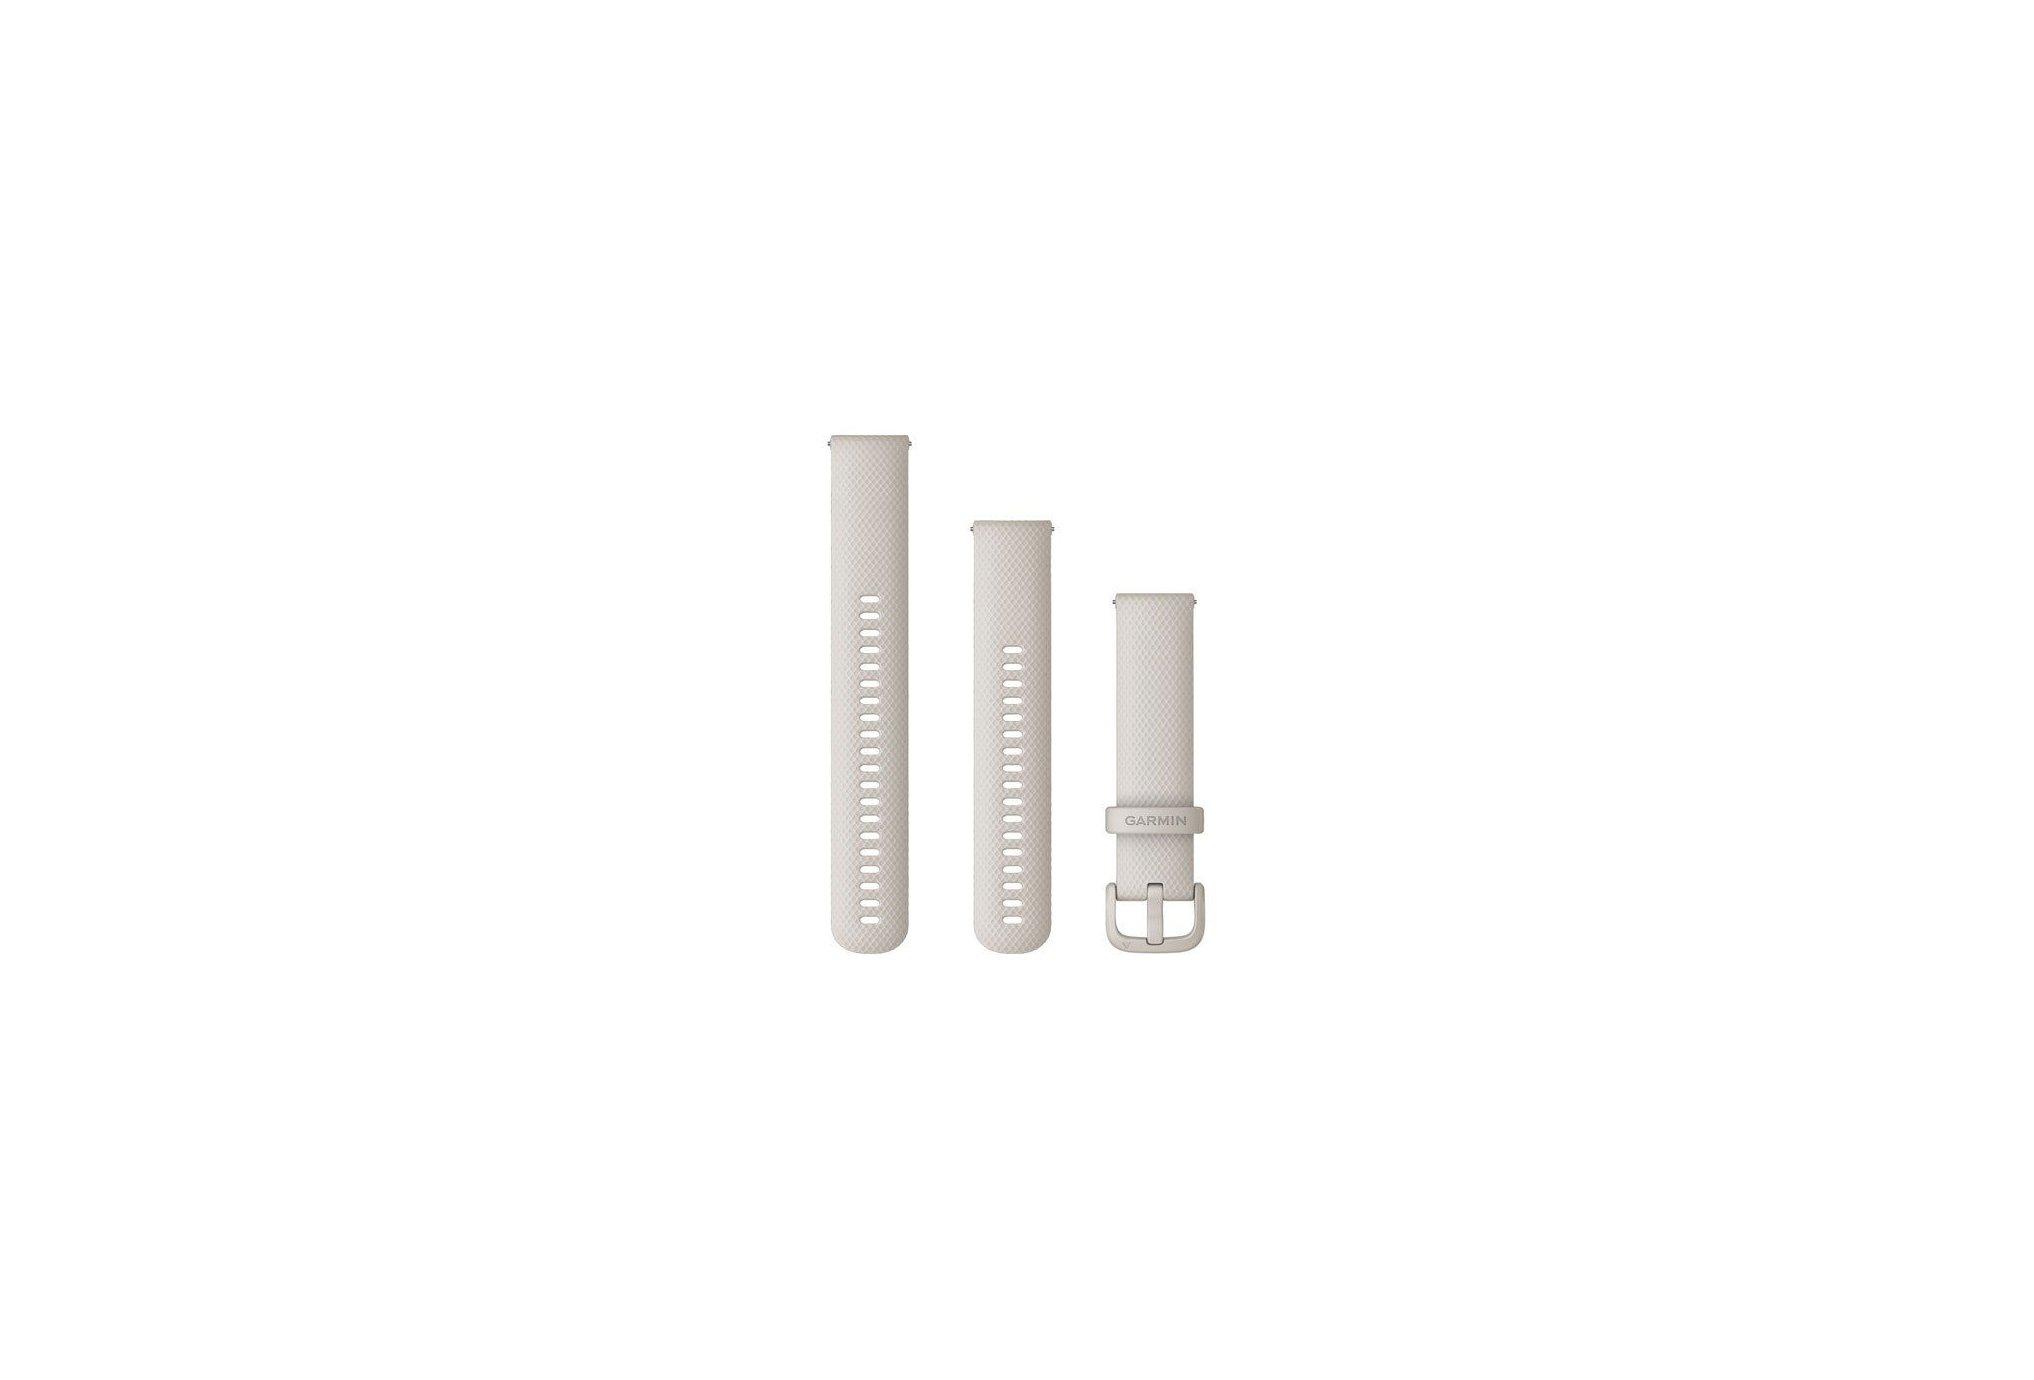 Garmin Quick Release 20 mm Accessoires montres/ Bracelets